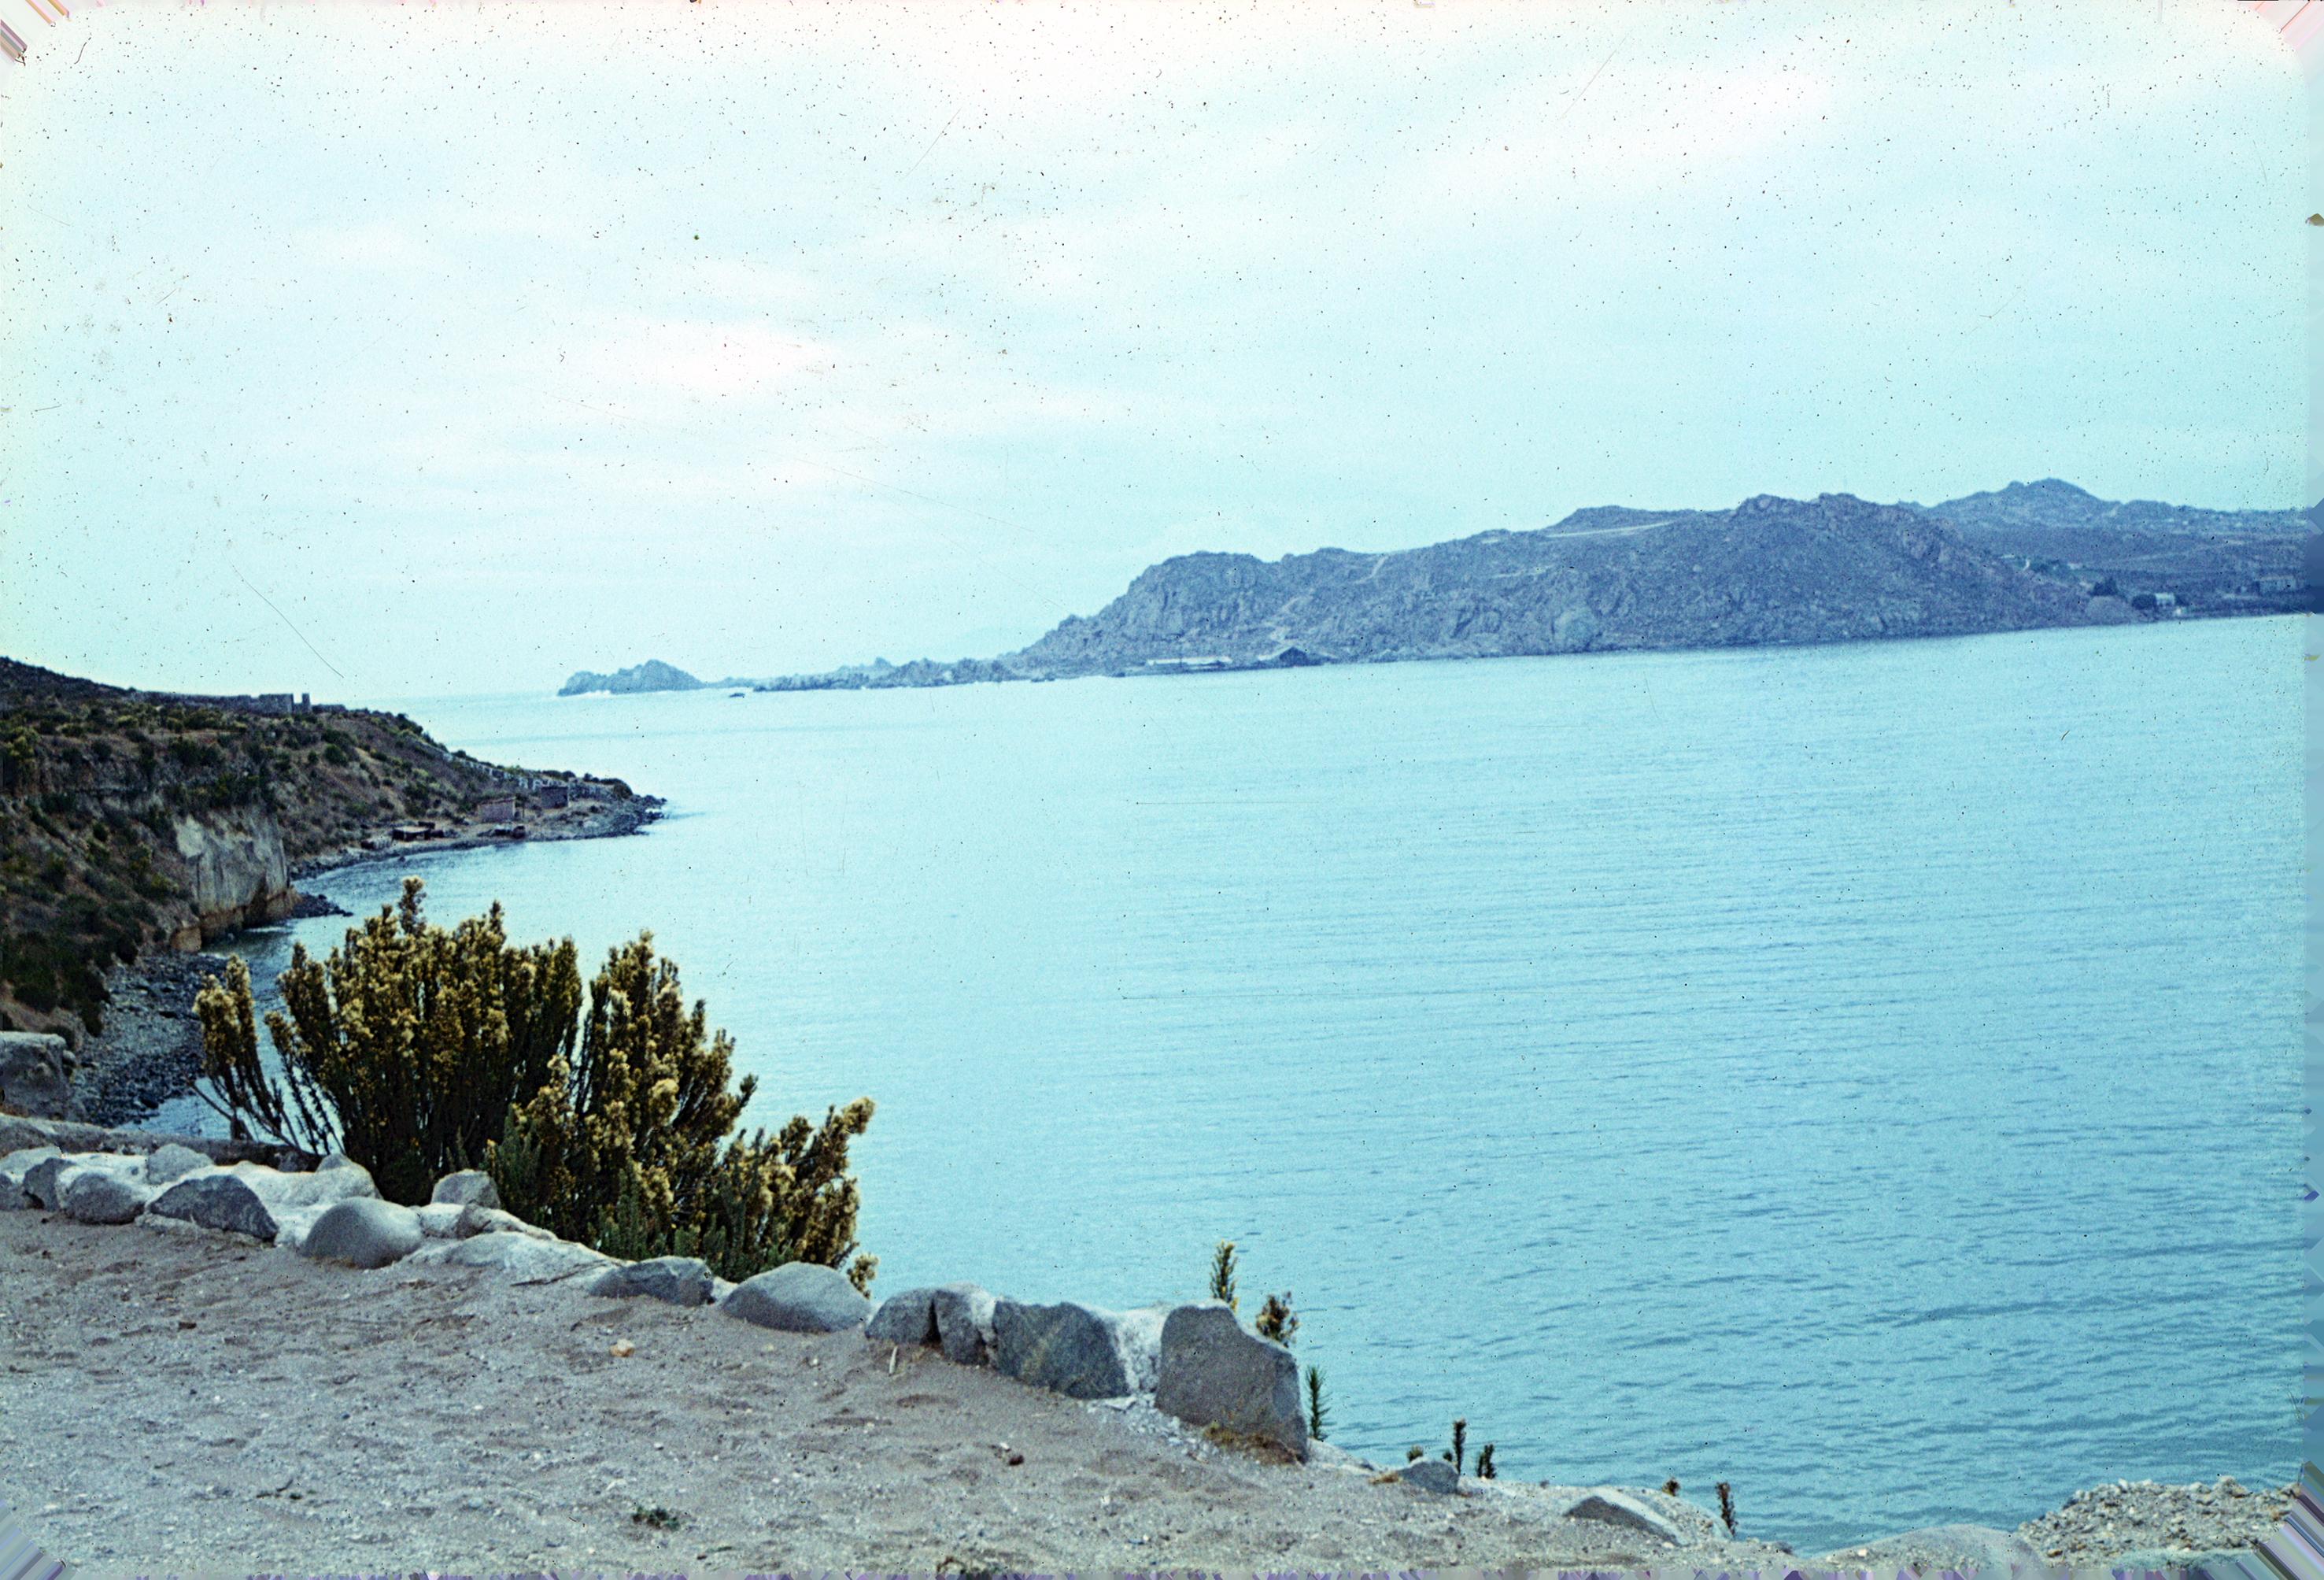 Enterreno - Fotos históricas de chile - fotos antiguas de Chile - Bahía de la Herradura en la década del 60